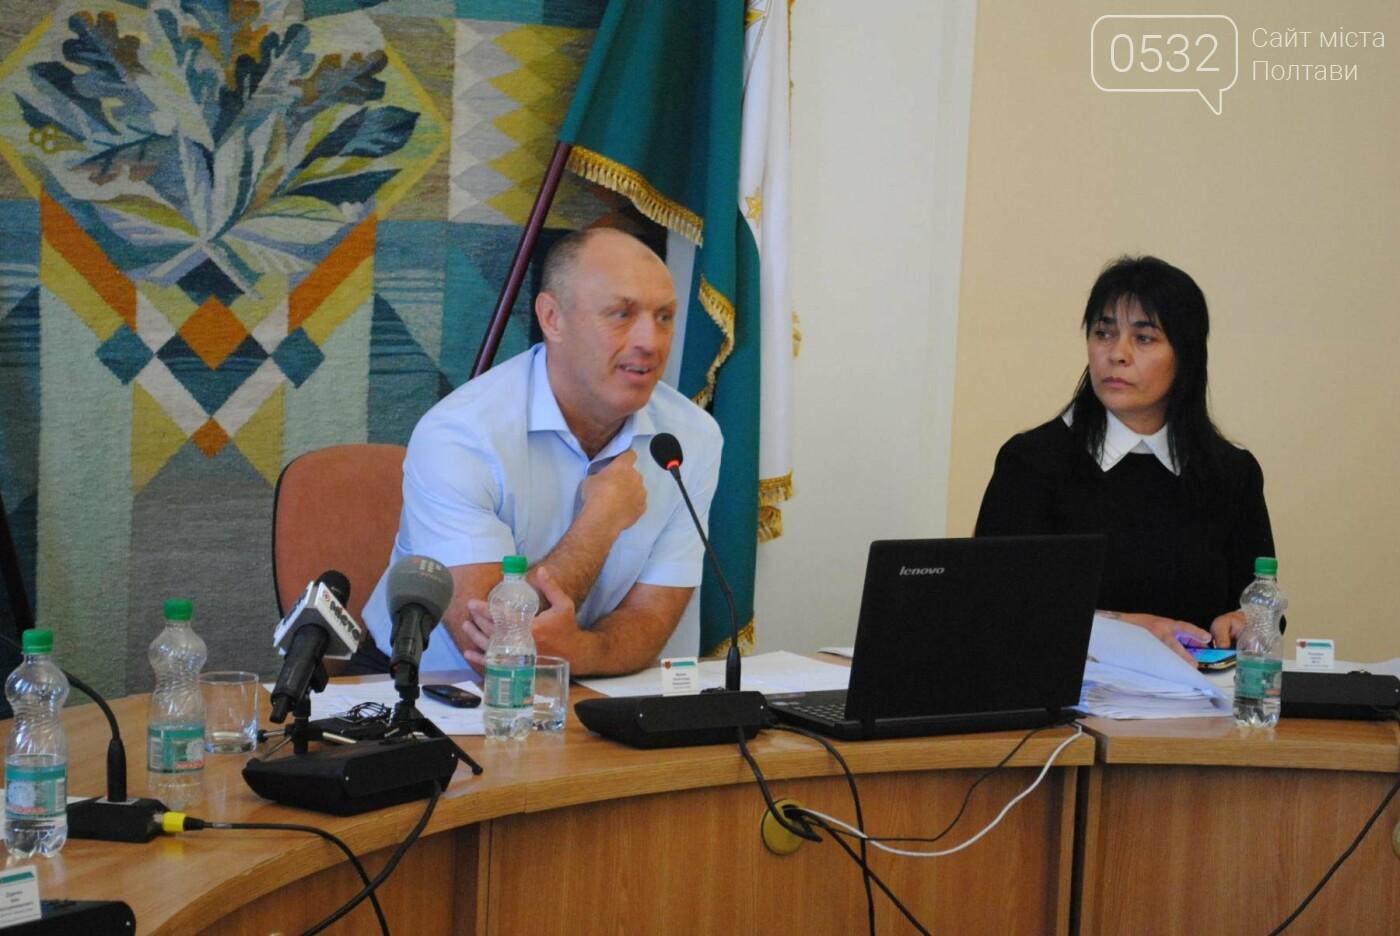 Міський голова Полтави лишився без першого заступника і без коаліції (ВІДЕО), фото-2